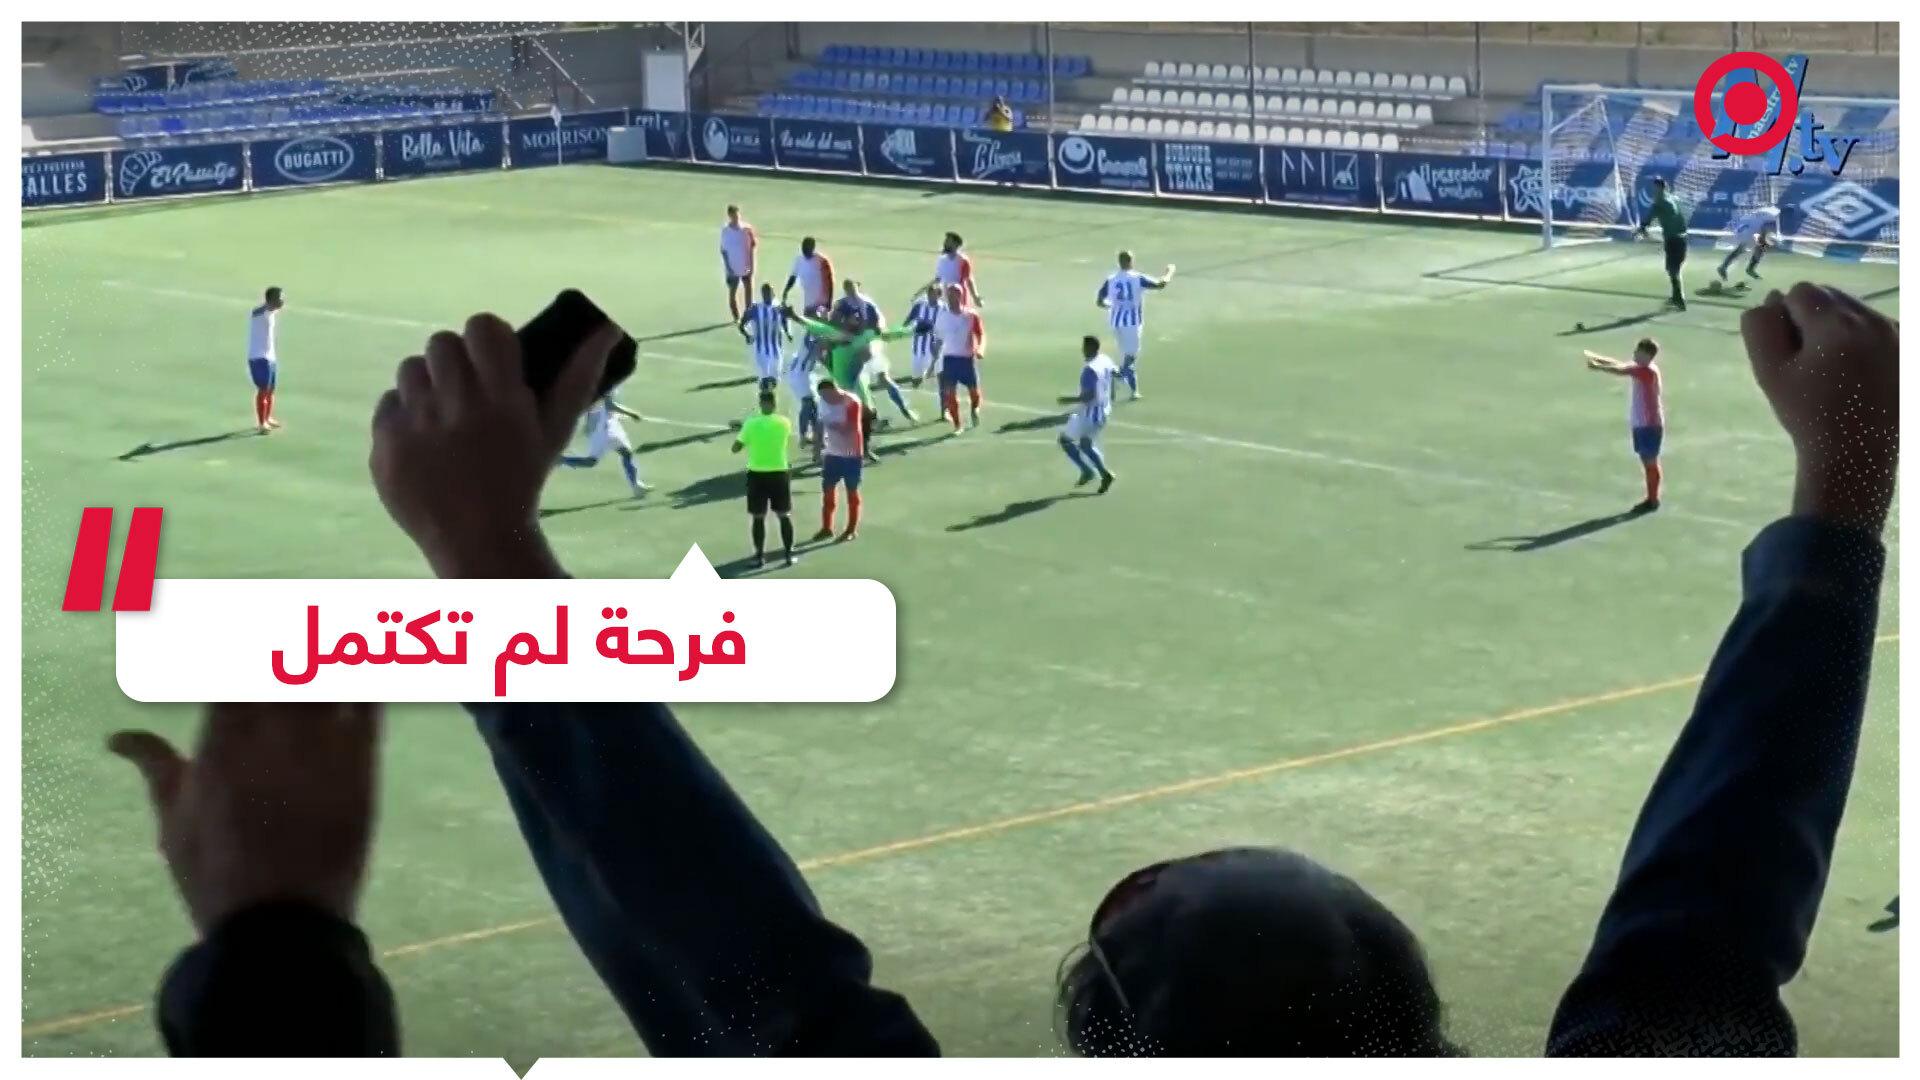 شاهد حارس مرمى إسباني يسجل هدف تعادل ويتلقى آخر في مرماه!